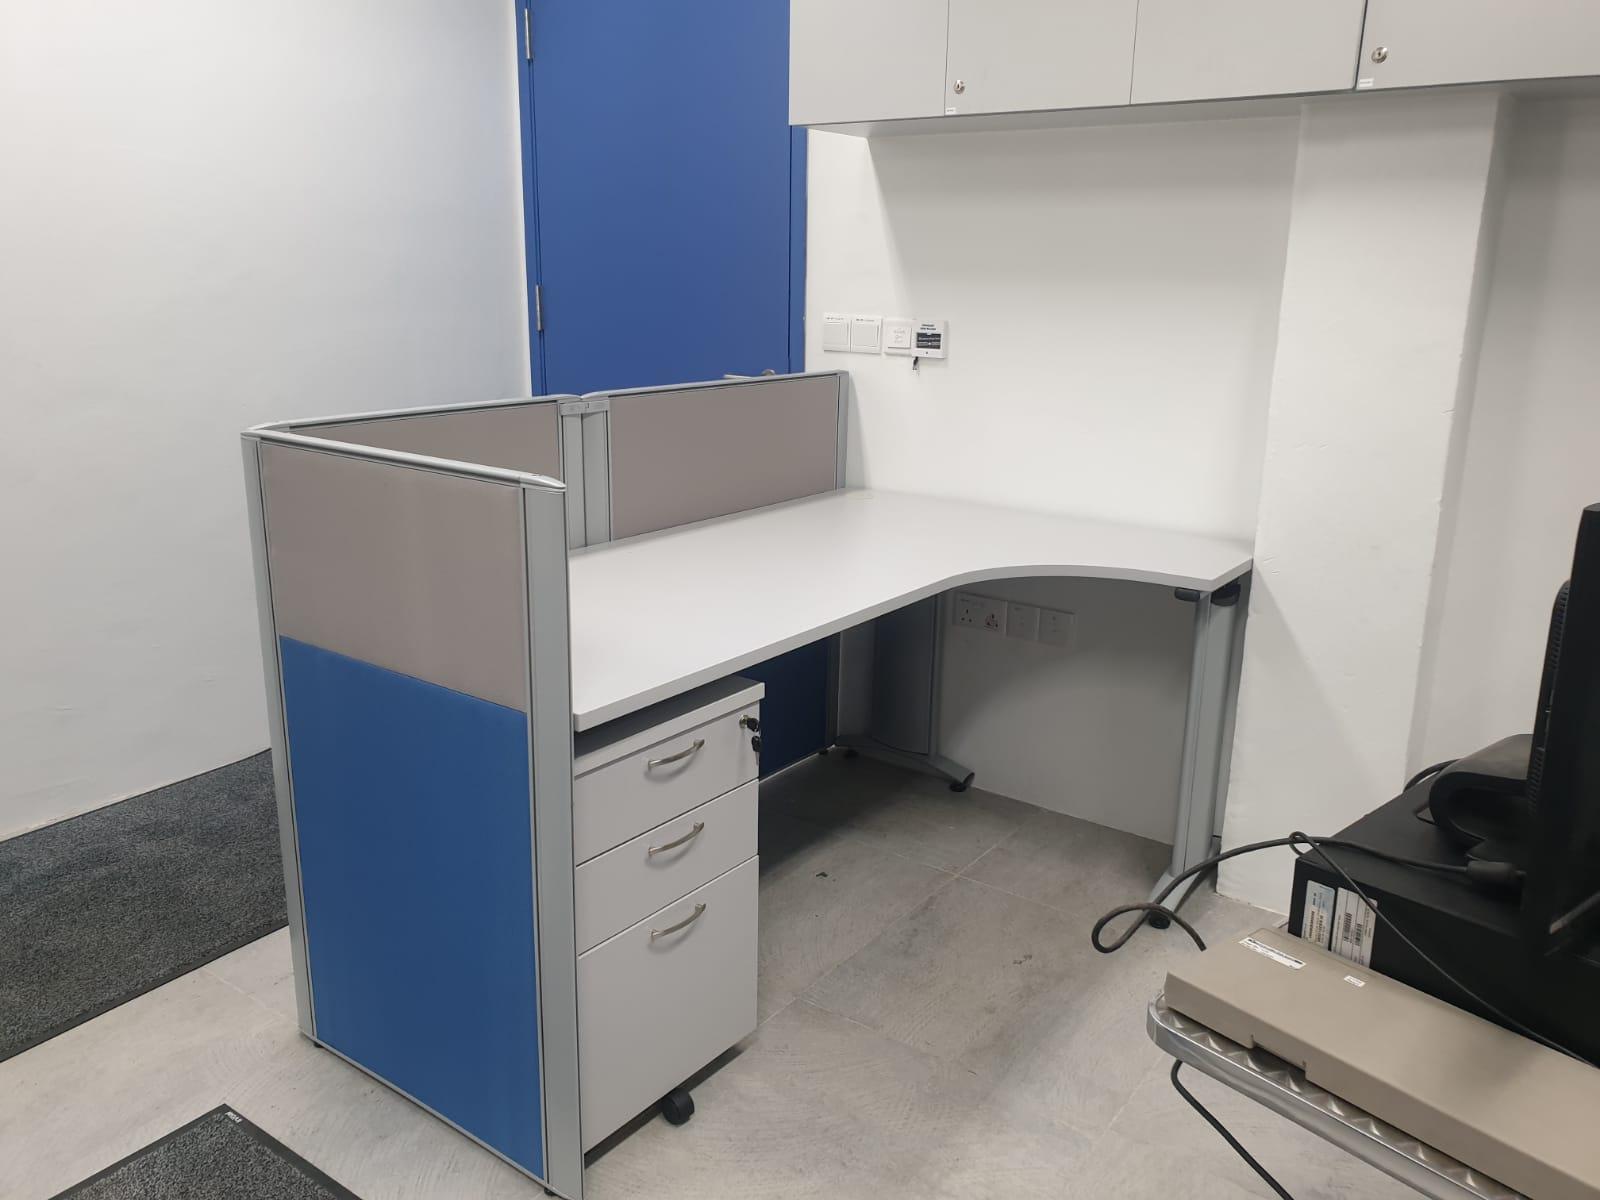 DP26_workstations_corner_offitek